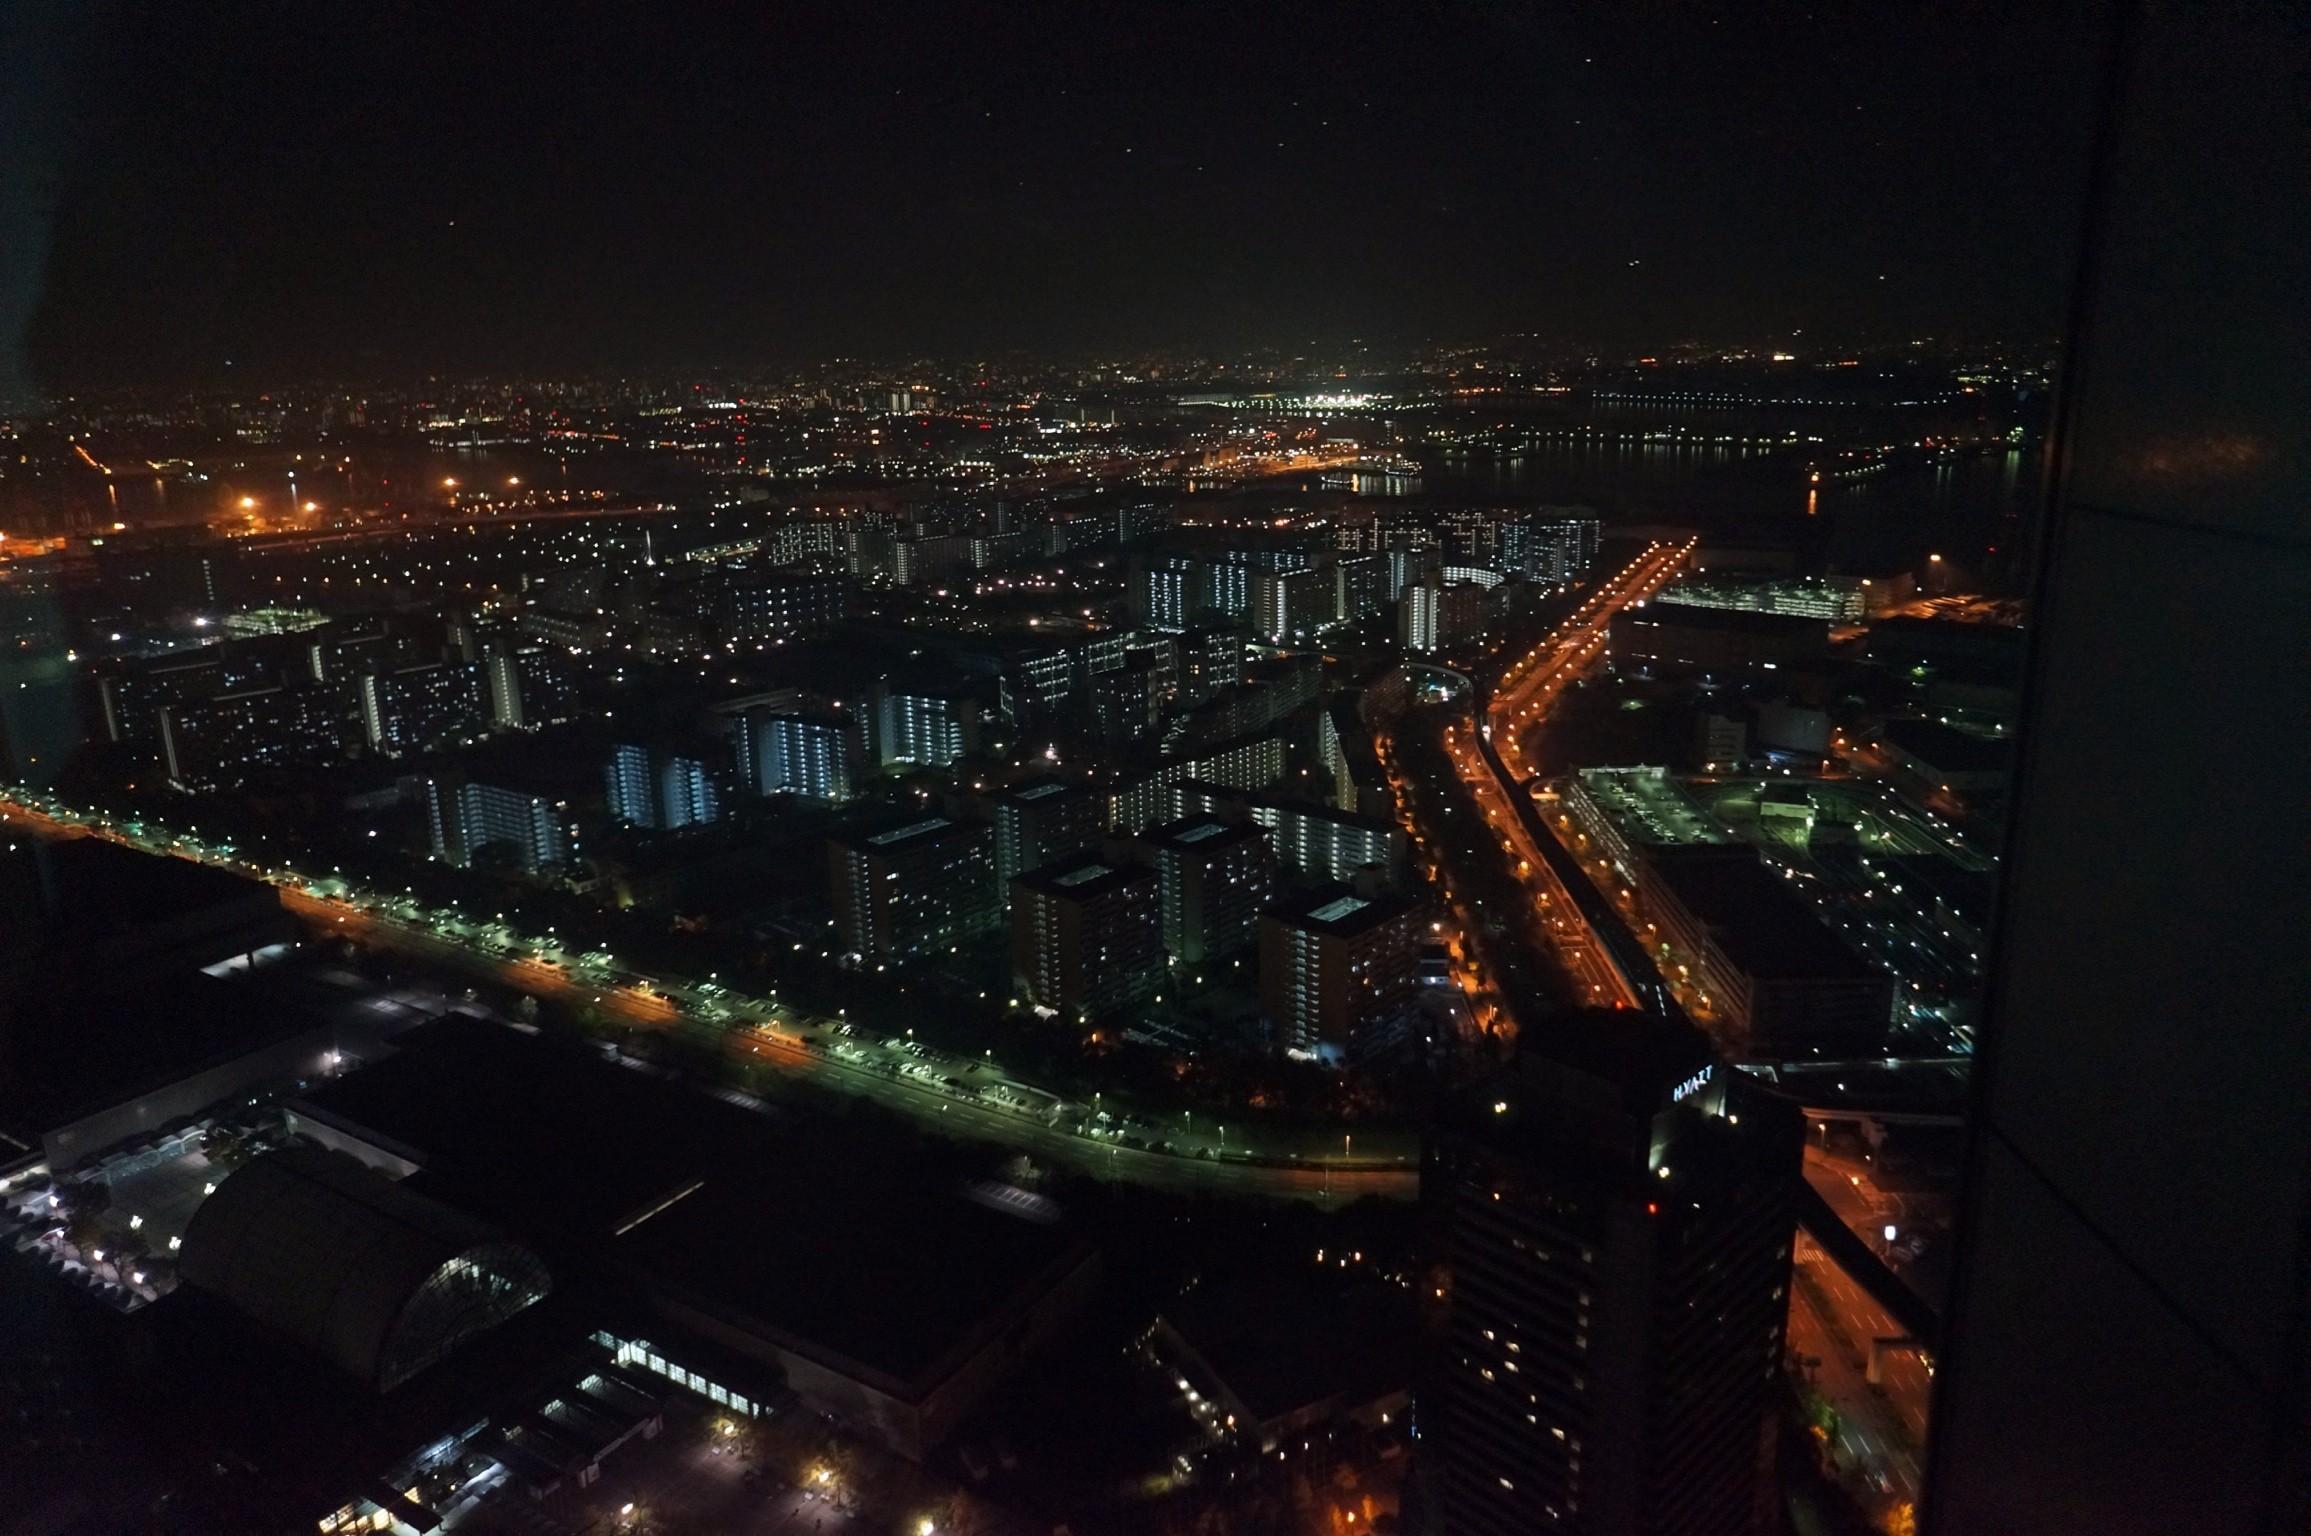 코스모타워에서 내려다본 오사카의 야경